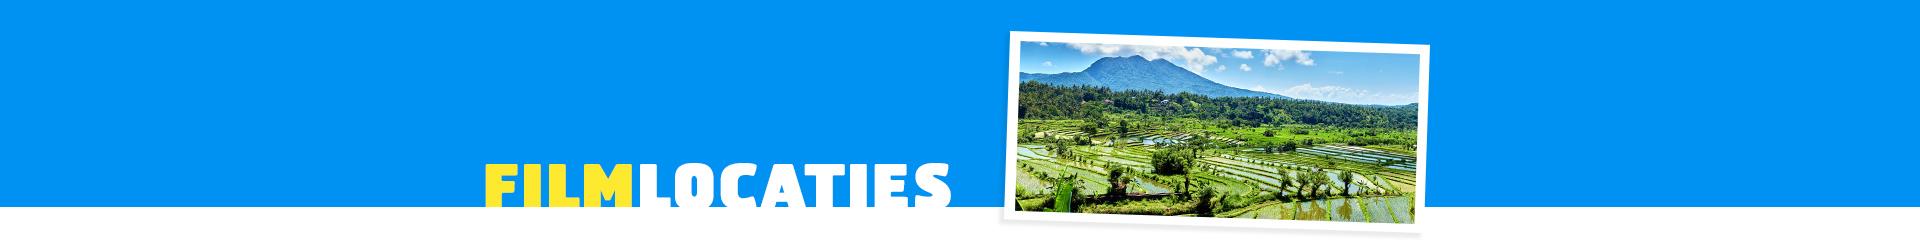 Filmlocatie Eat, Pray, Love - Prachtige rijstvelden